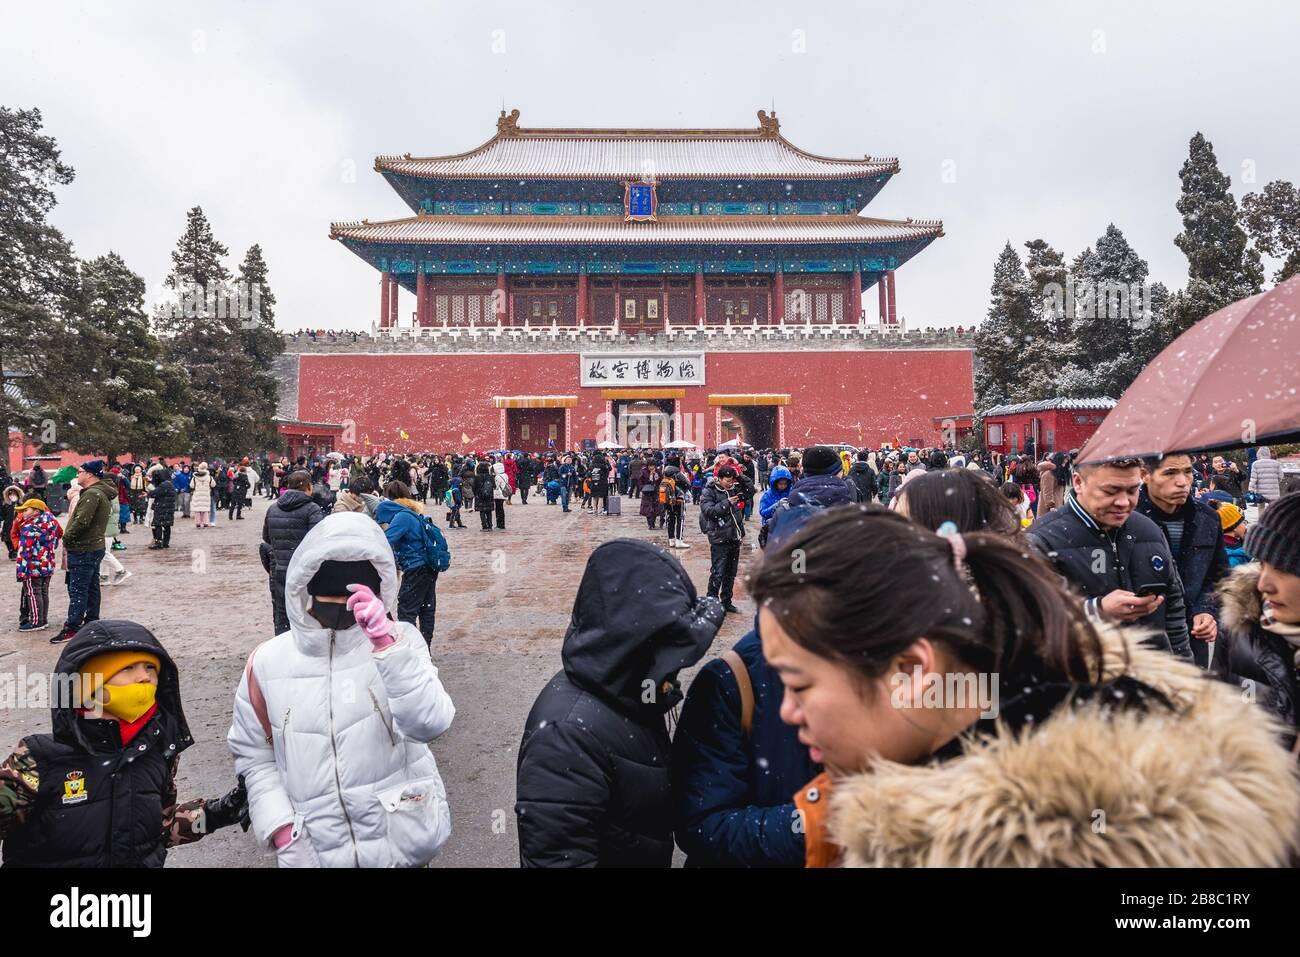 Los turistas frente a Shenwumen - Puerta de la proeza Divina también llamado Puerta de la fuerza Divina - puerta norte de la Ciudad Prohibida en Beijing, China Foto de stock